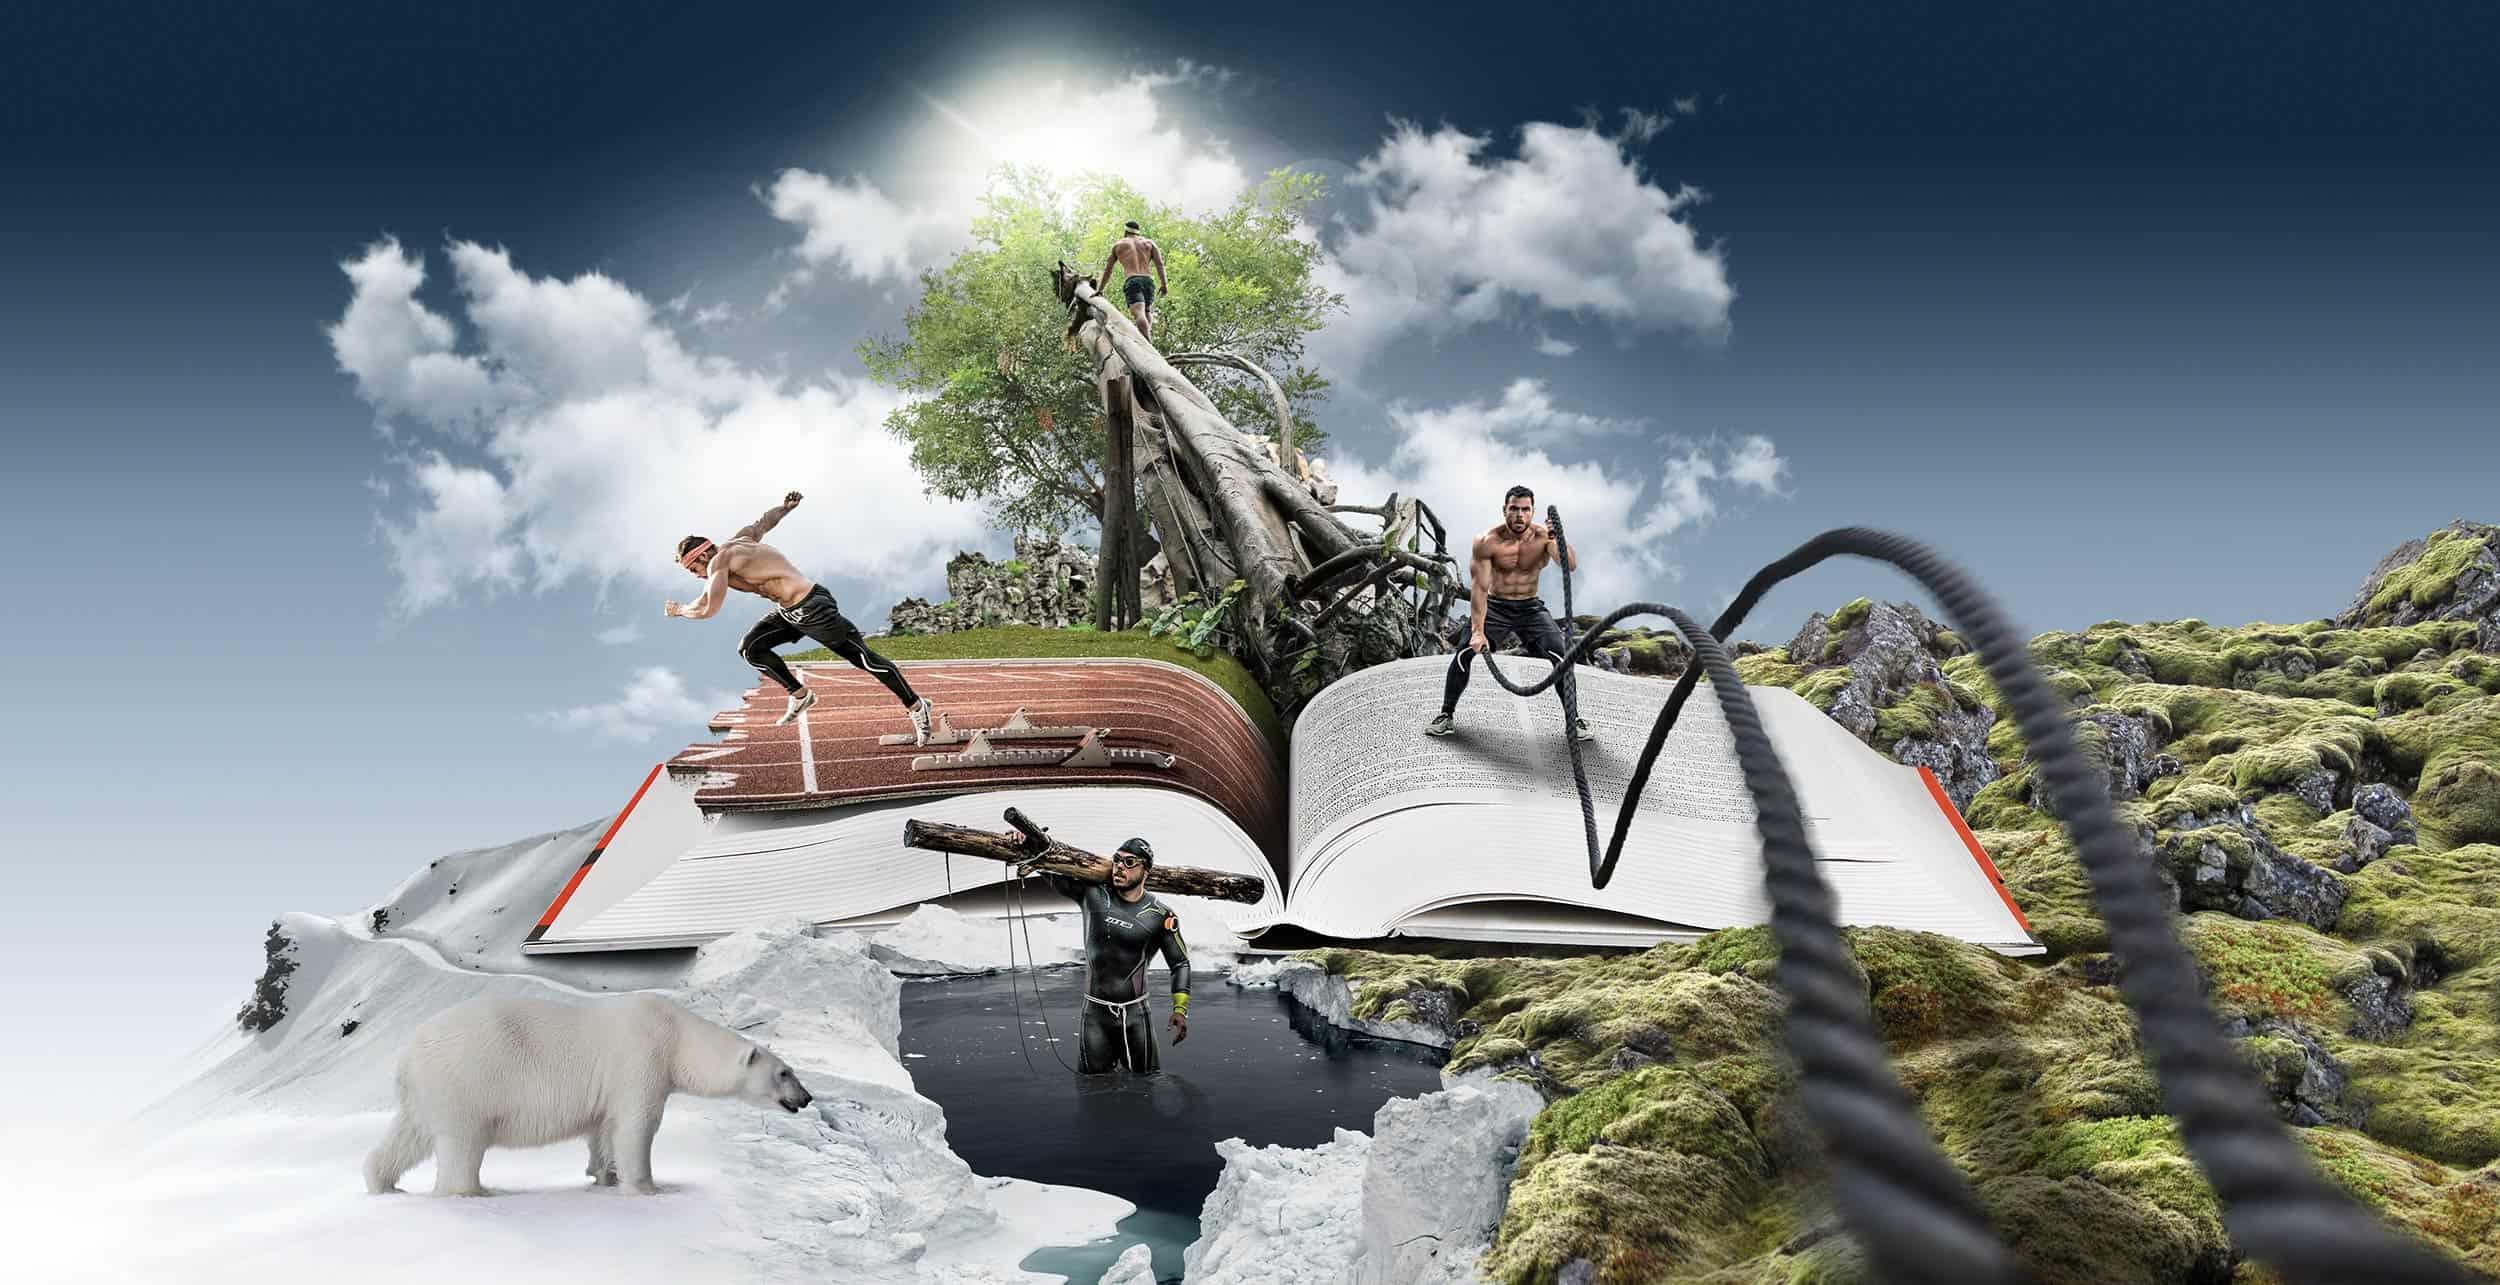 Ross Edgley Worlds Fittest Book Artwork